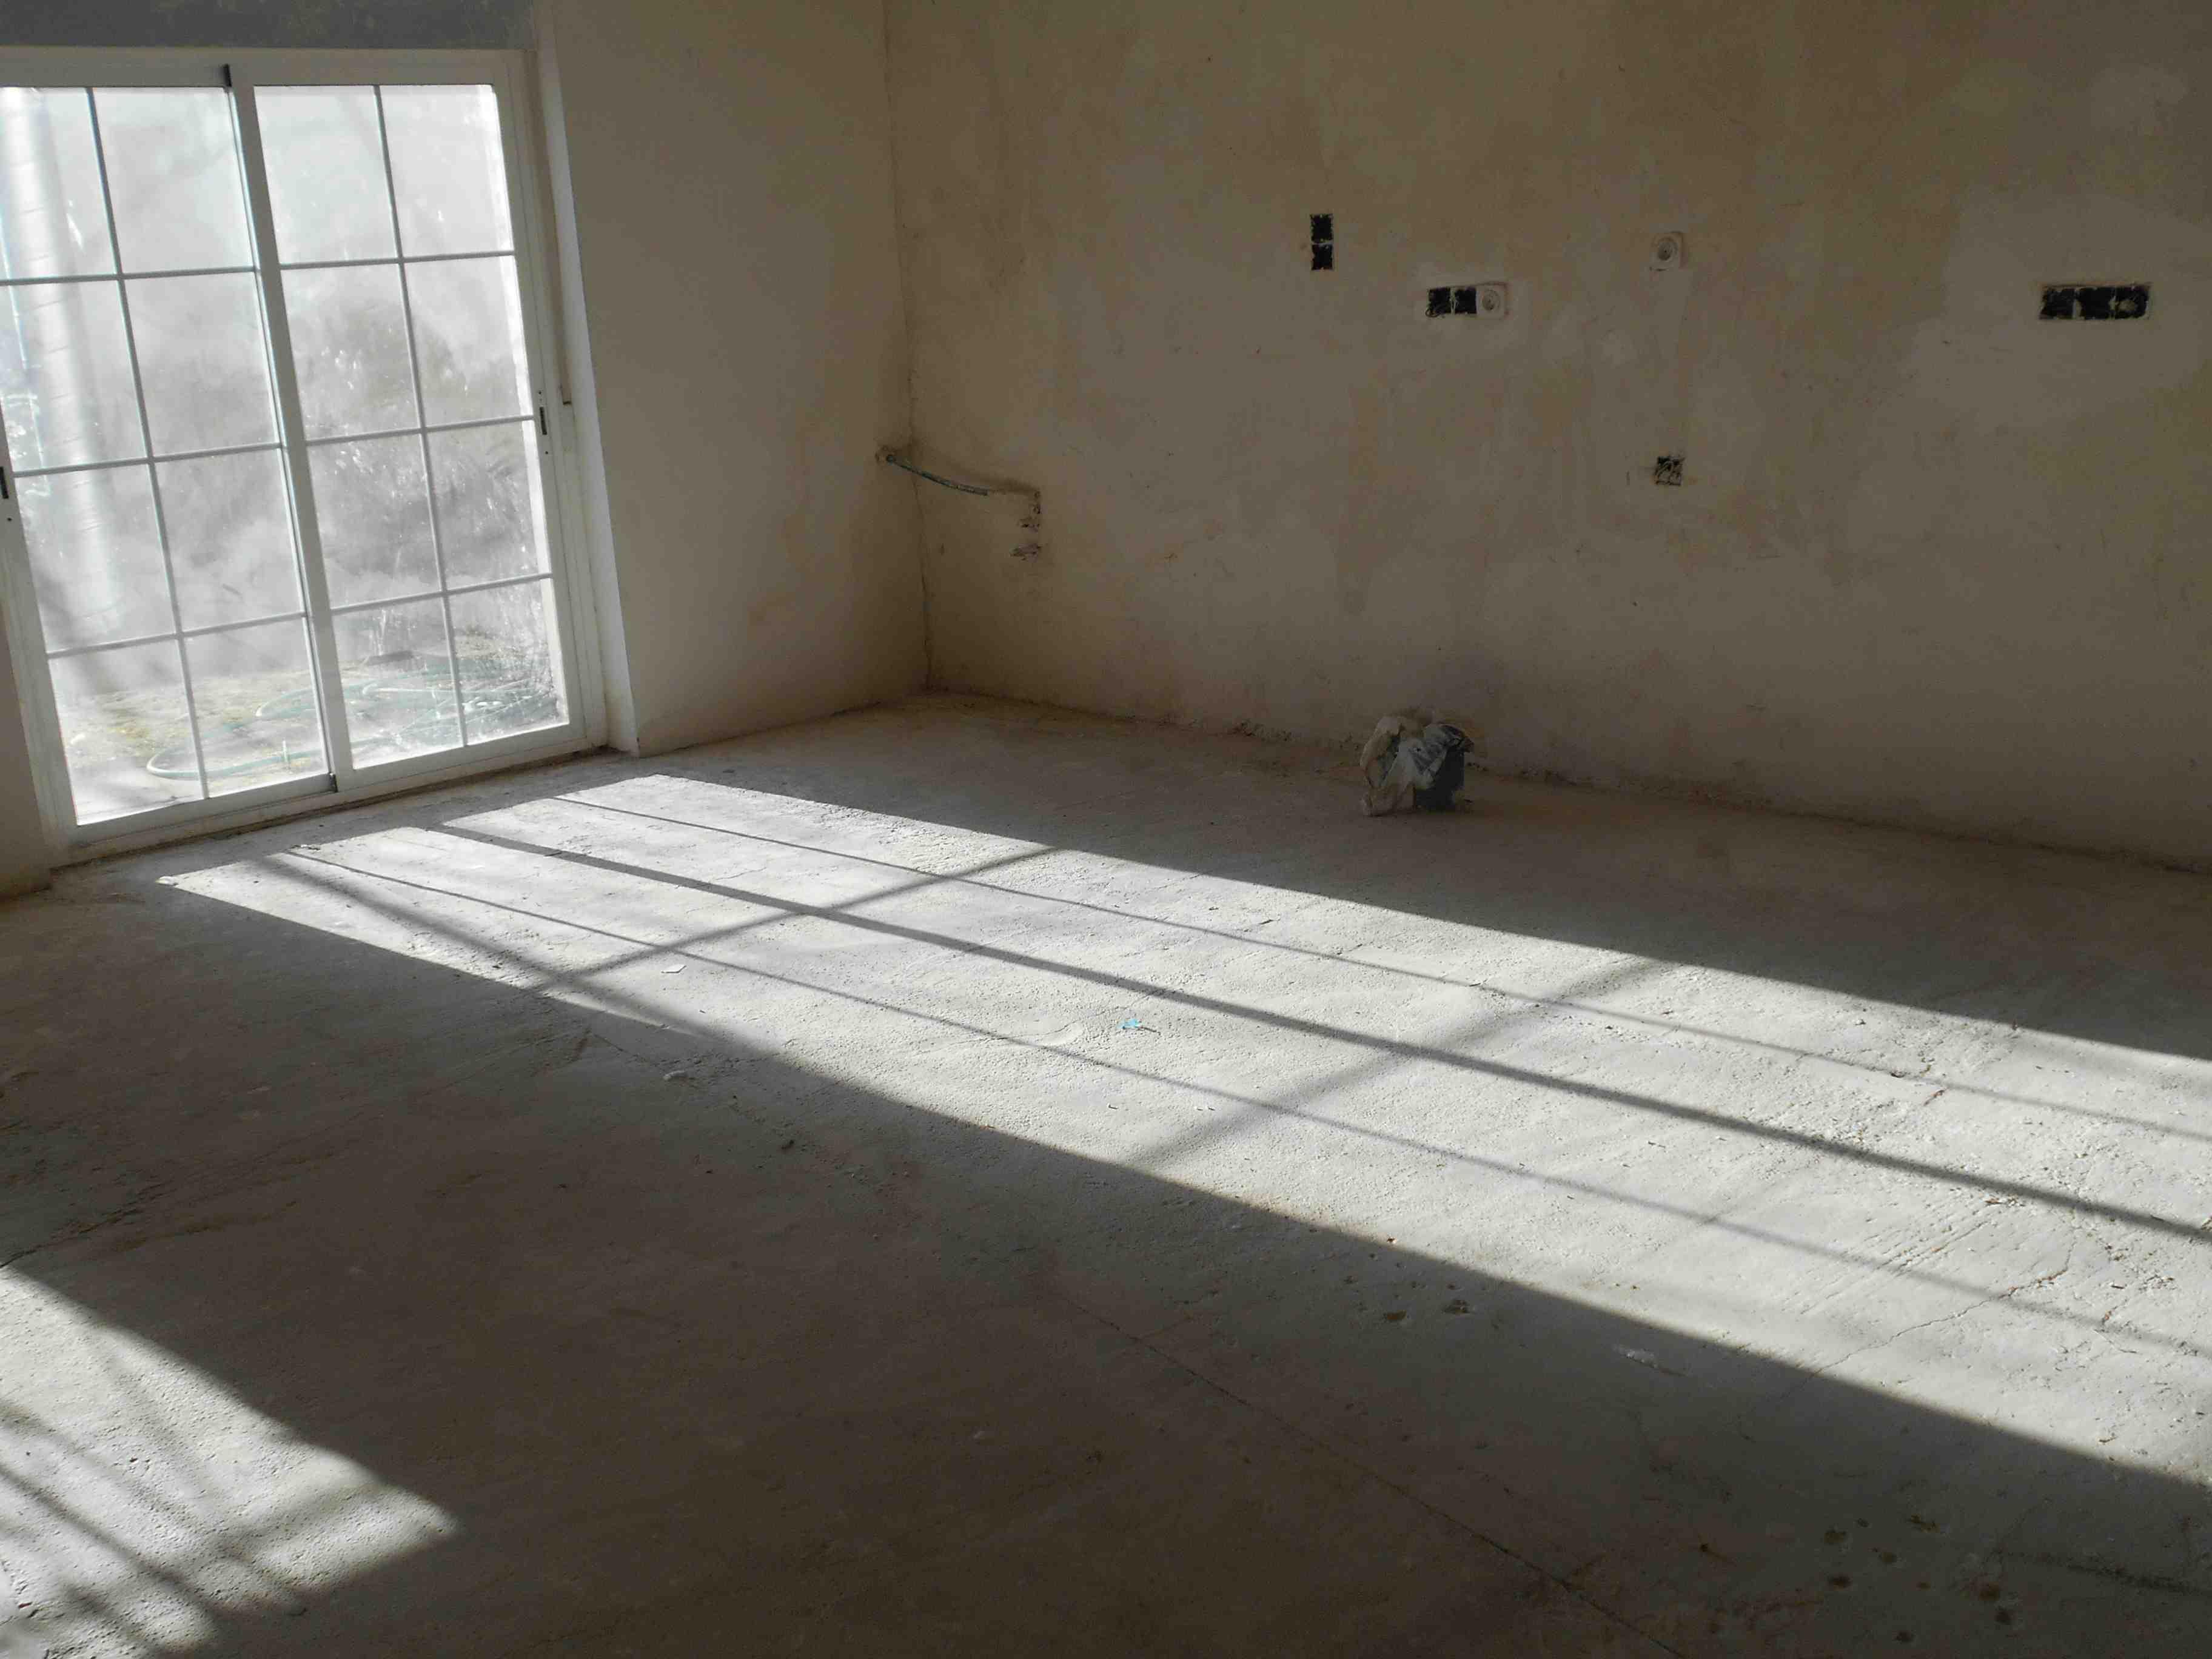 Casa en venta en Zaragoza, Zaragoza, Avenida Montaña, 108.000 €, 3 habitaciones, 1 baño, 185 m2